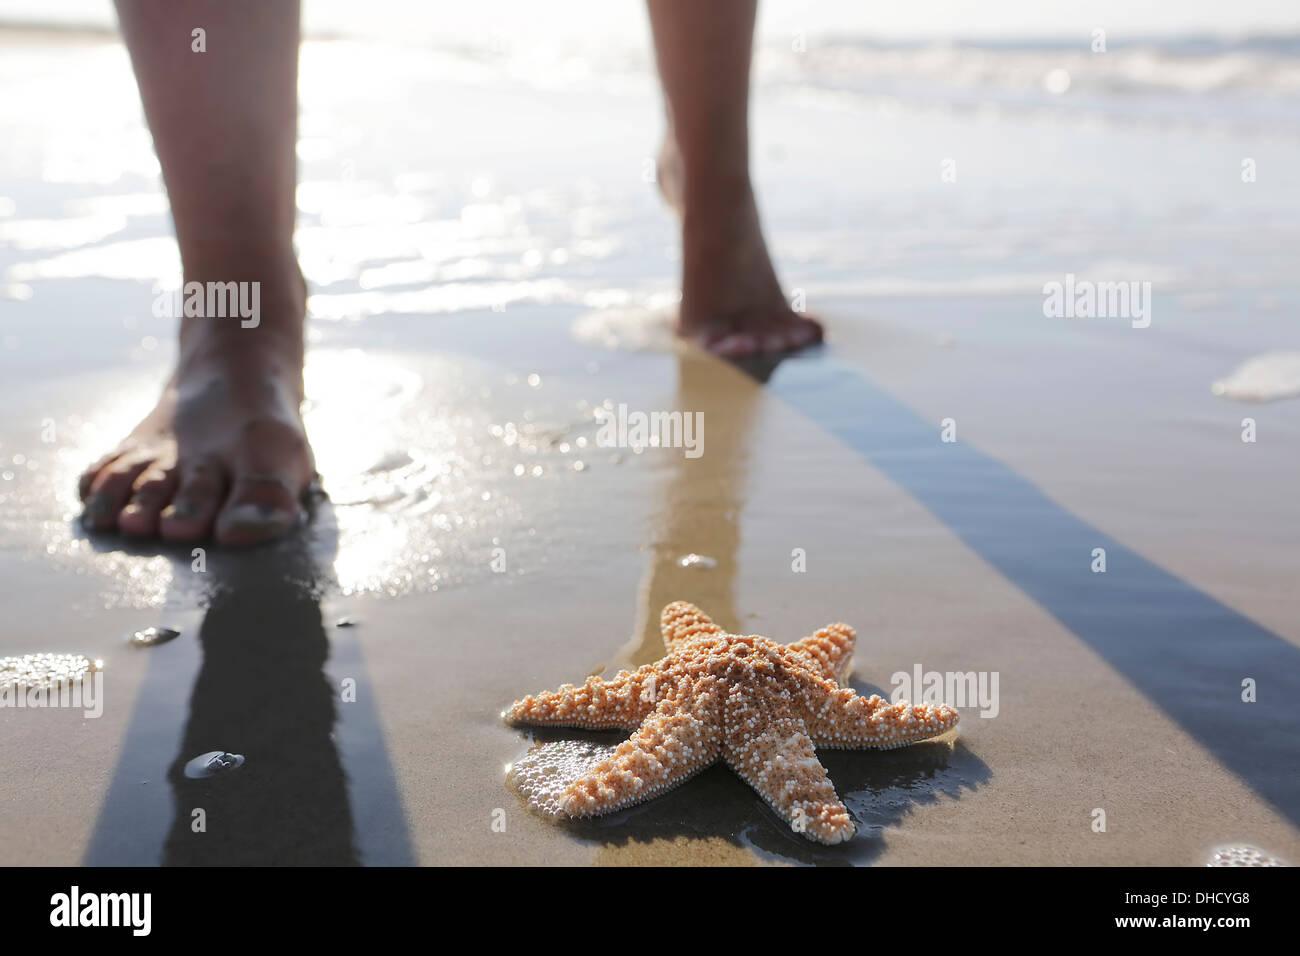 Allemagne, Basse-Saxe, Frise Orientale, Langeoog, poissons de mer et les pieds d'une femme à la plage Photo Stock